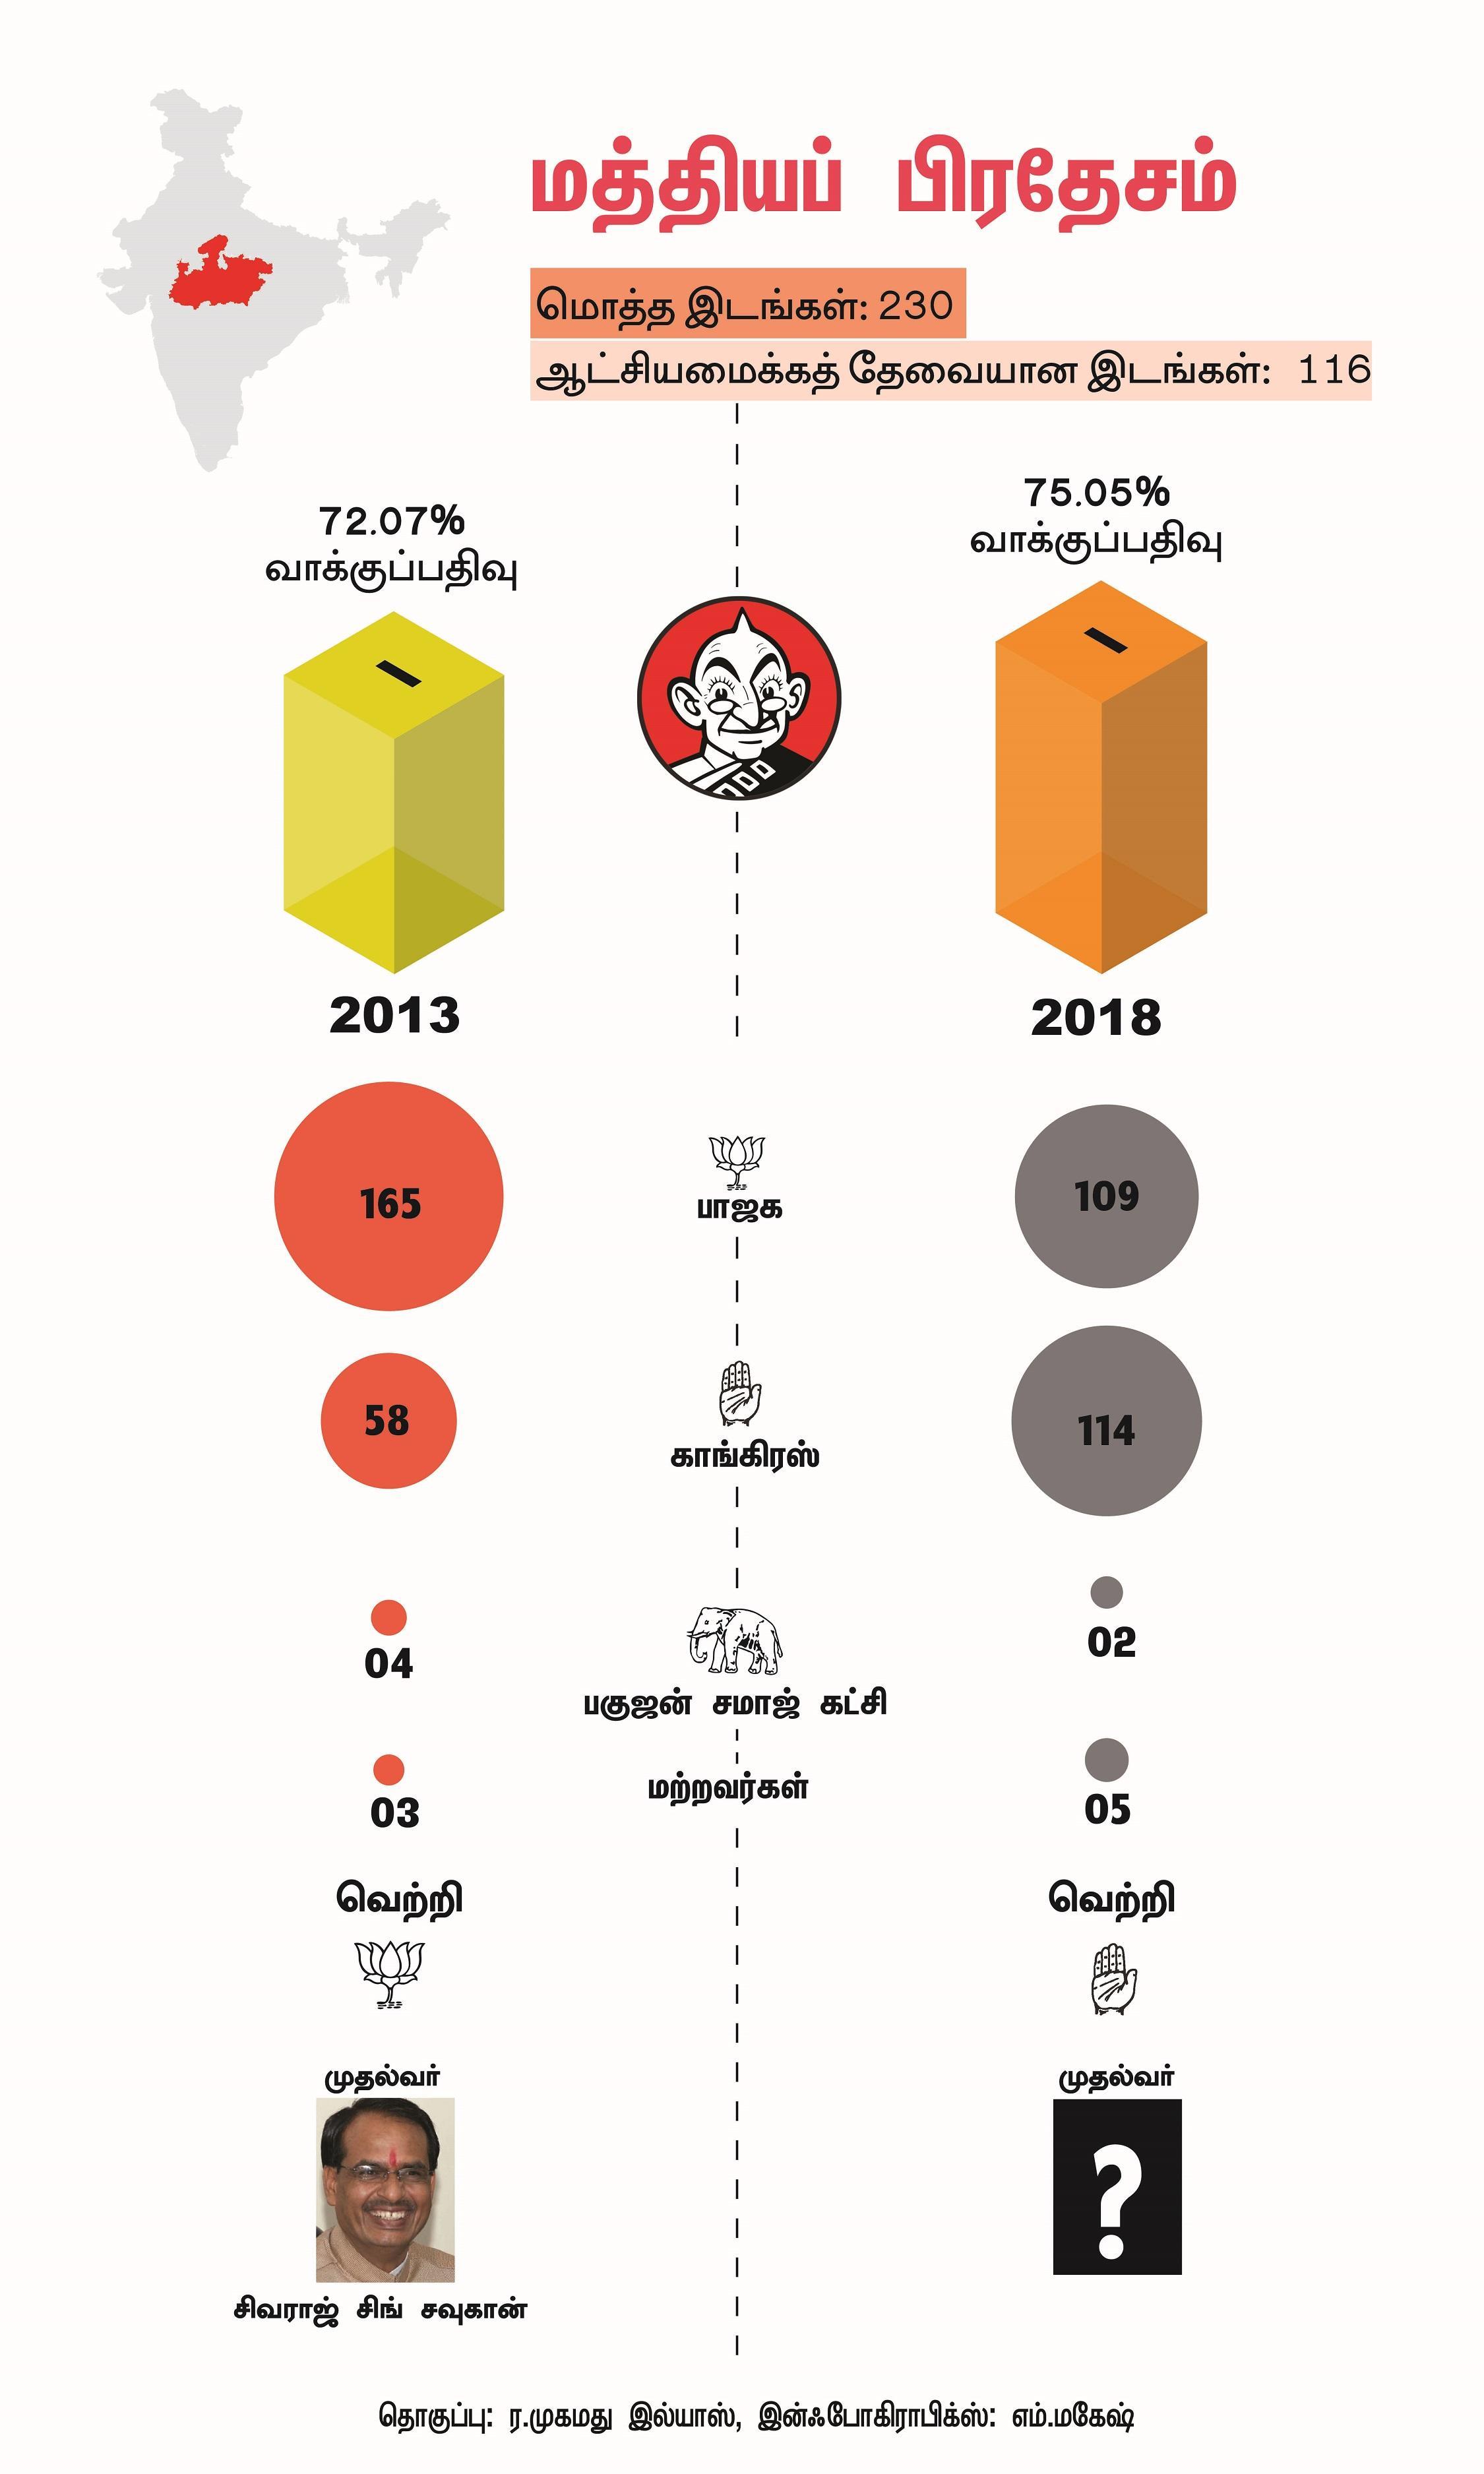 மத்தியப் பிரதேசம் தேர்தல் முடிவு